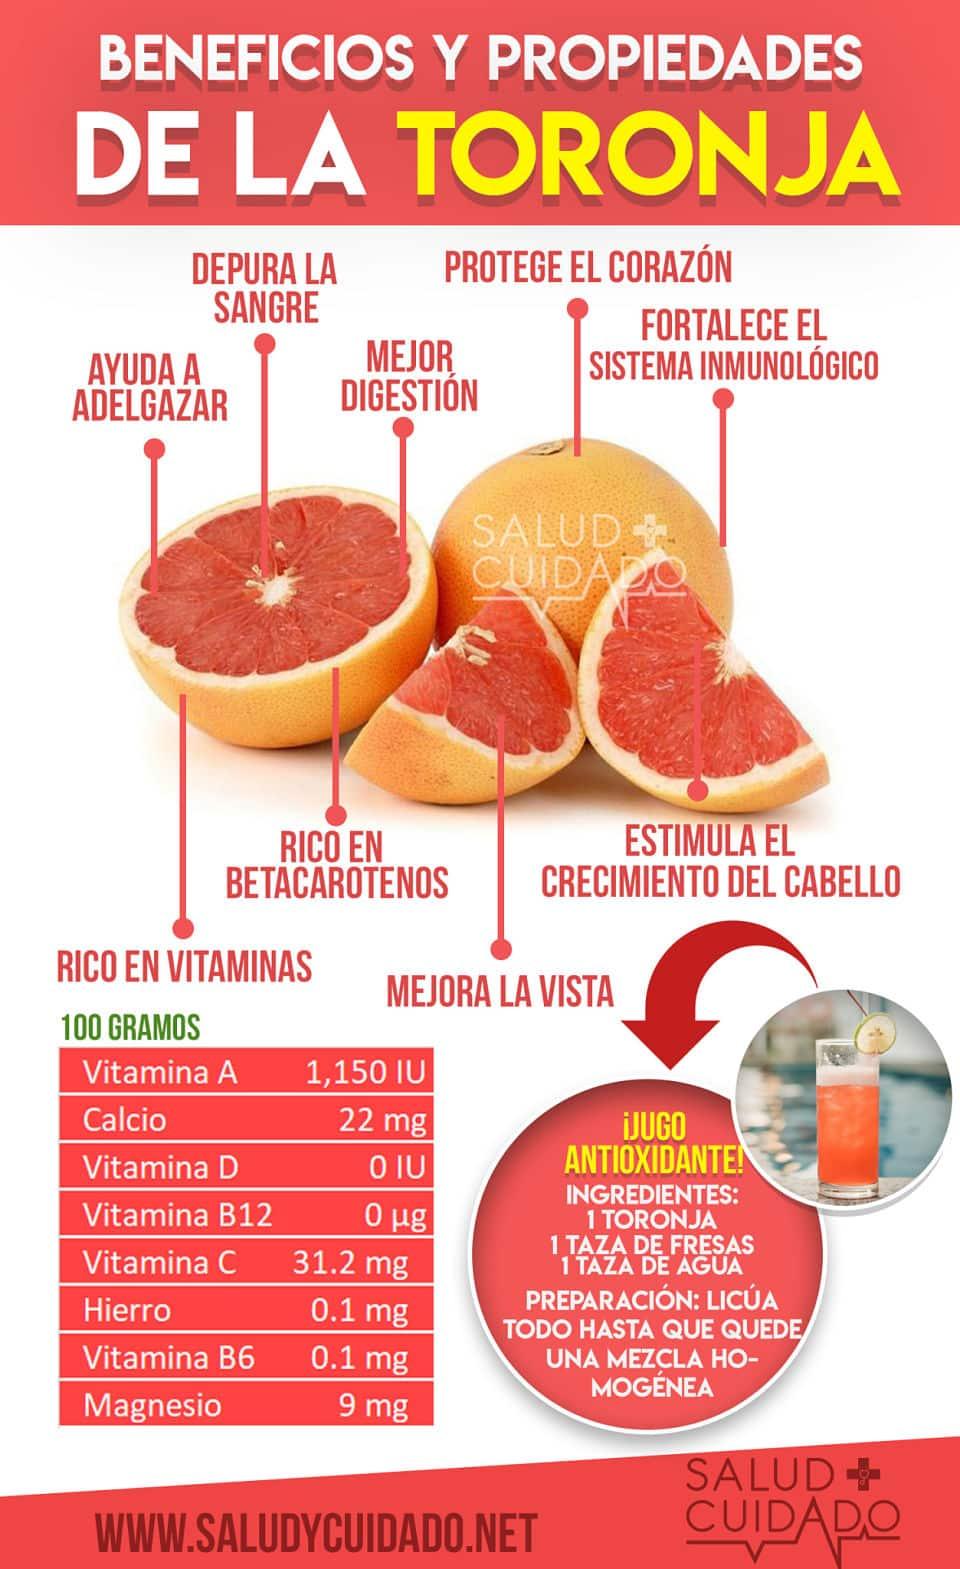 Beneficios de la toronja y propiedades infografia